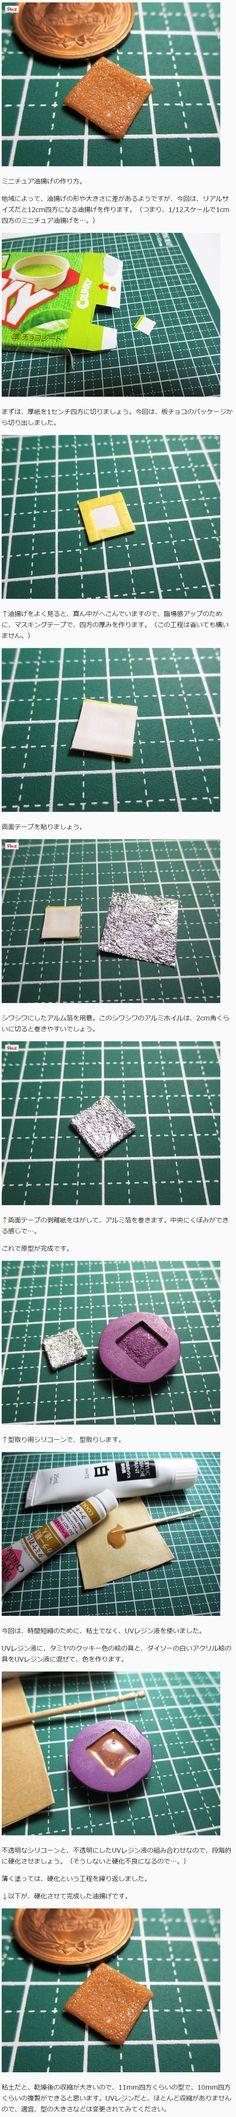 油揚げの作り方   Making of Japanese Fried Yofu with Polymer Clay